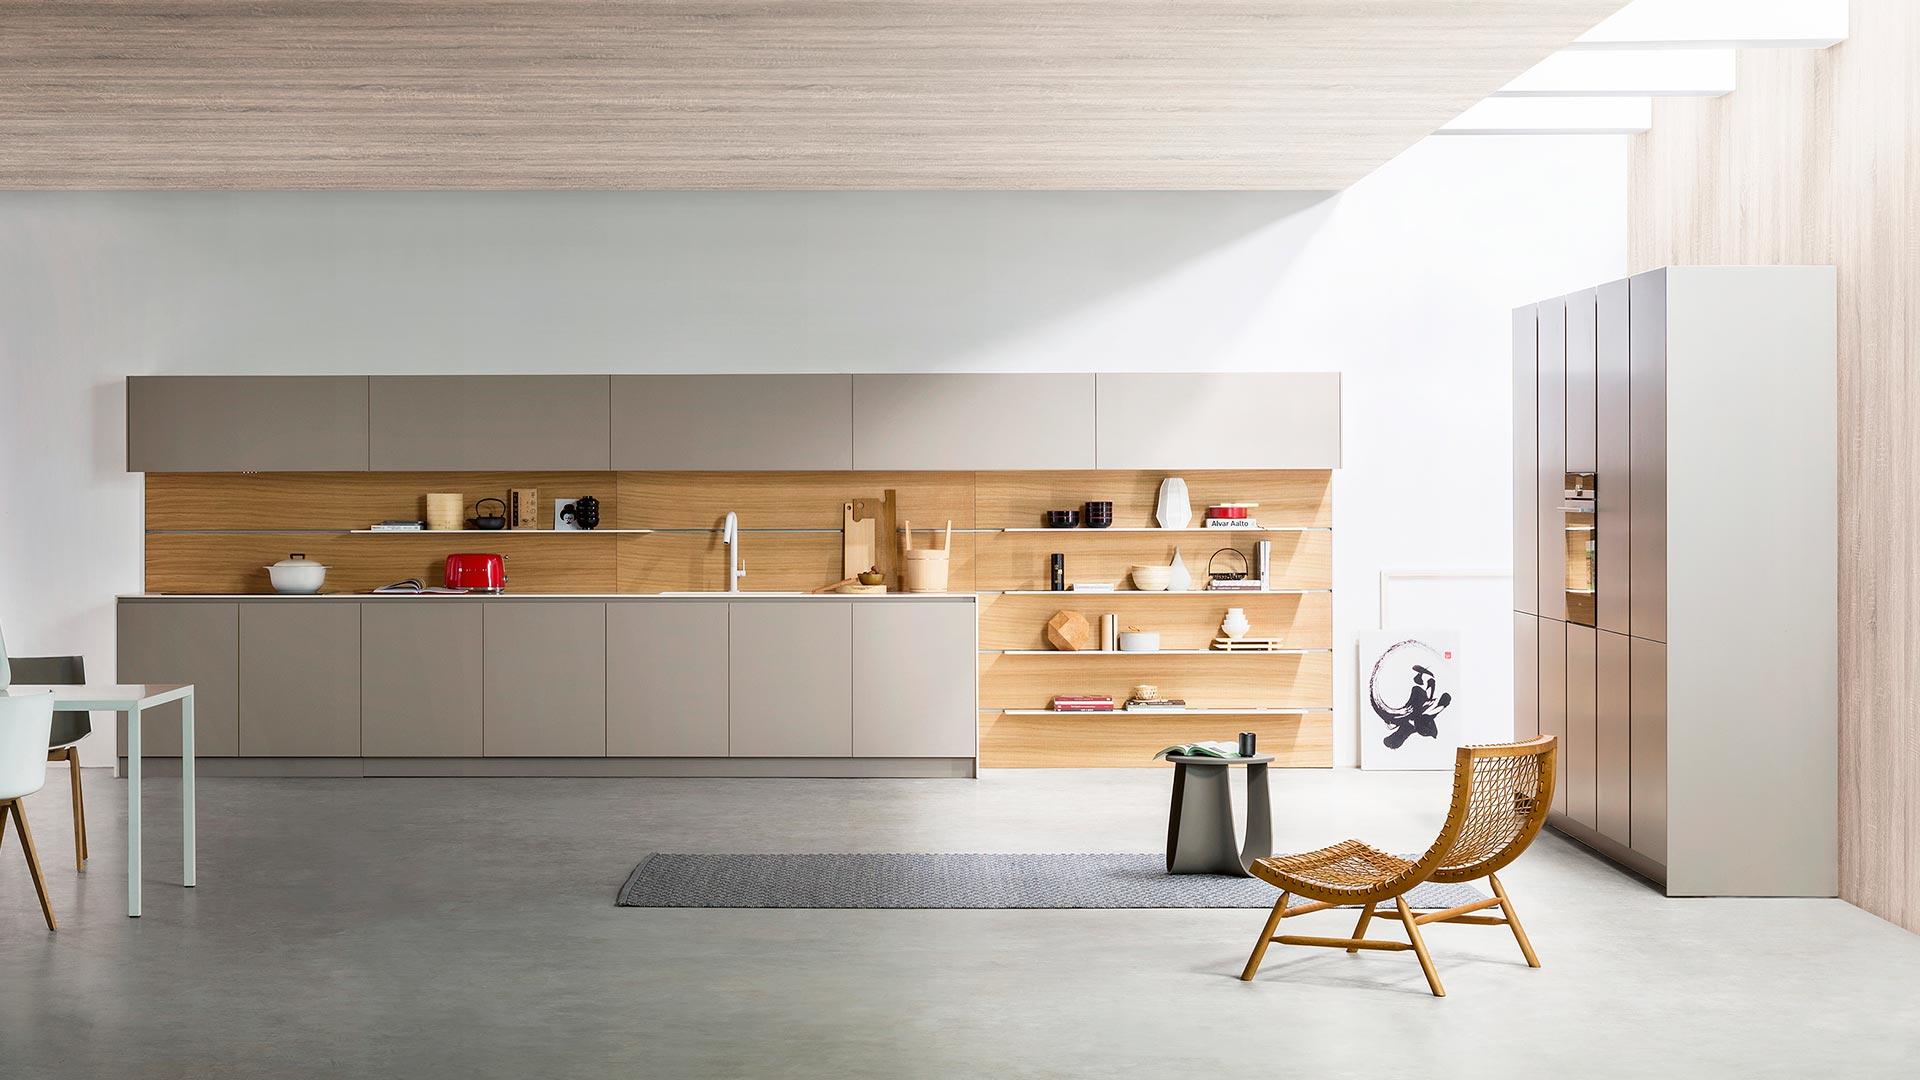 Freestanding modern kitchen in Corian | TM Italia 2018 Kitchens Collection - TM_CAT_K6_001